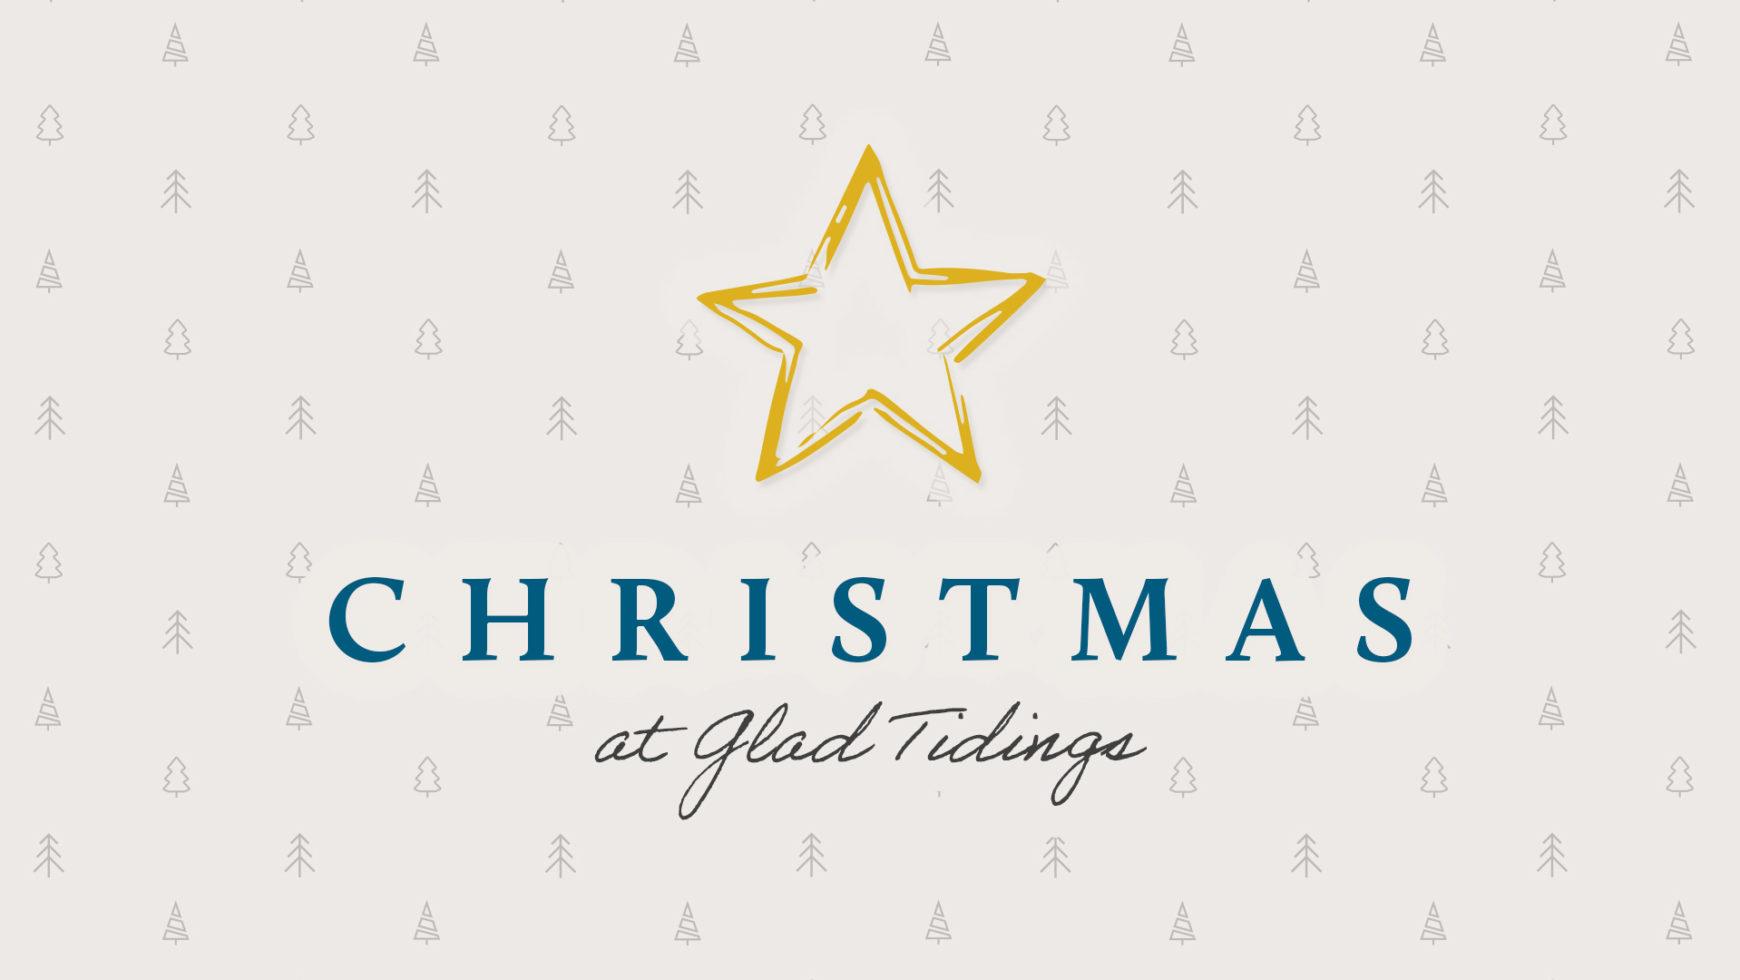 Christmas at GTC (Part 2)